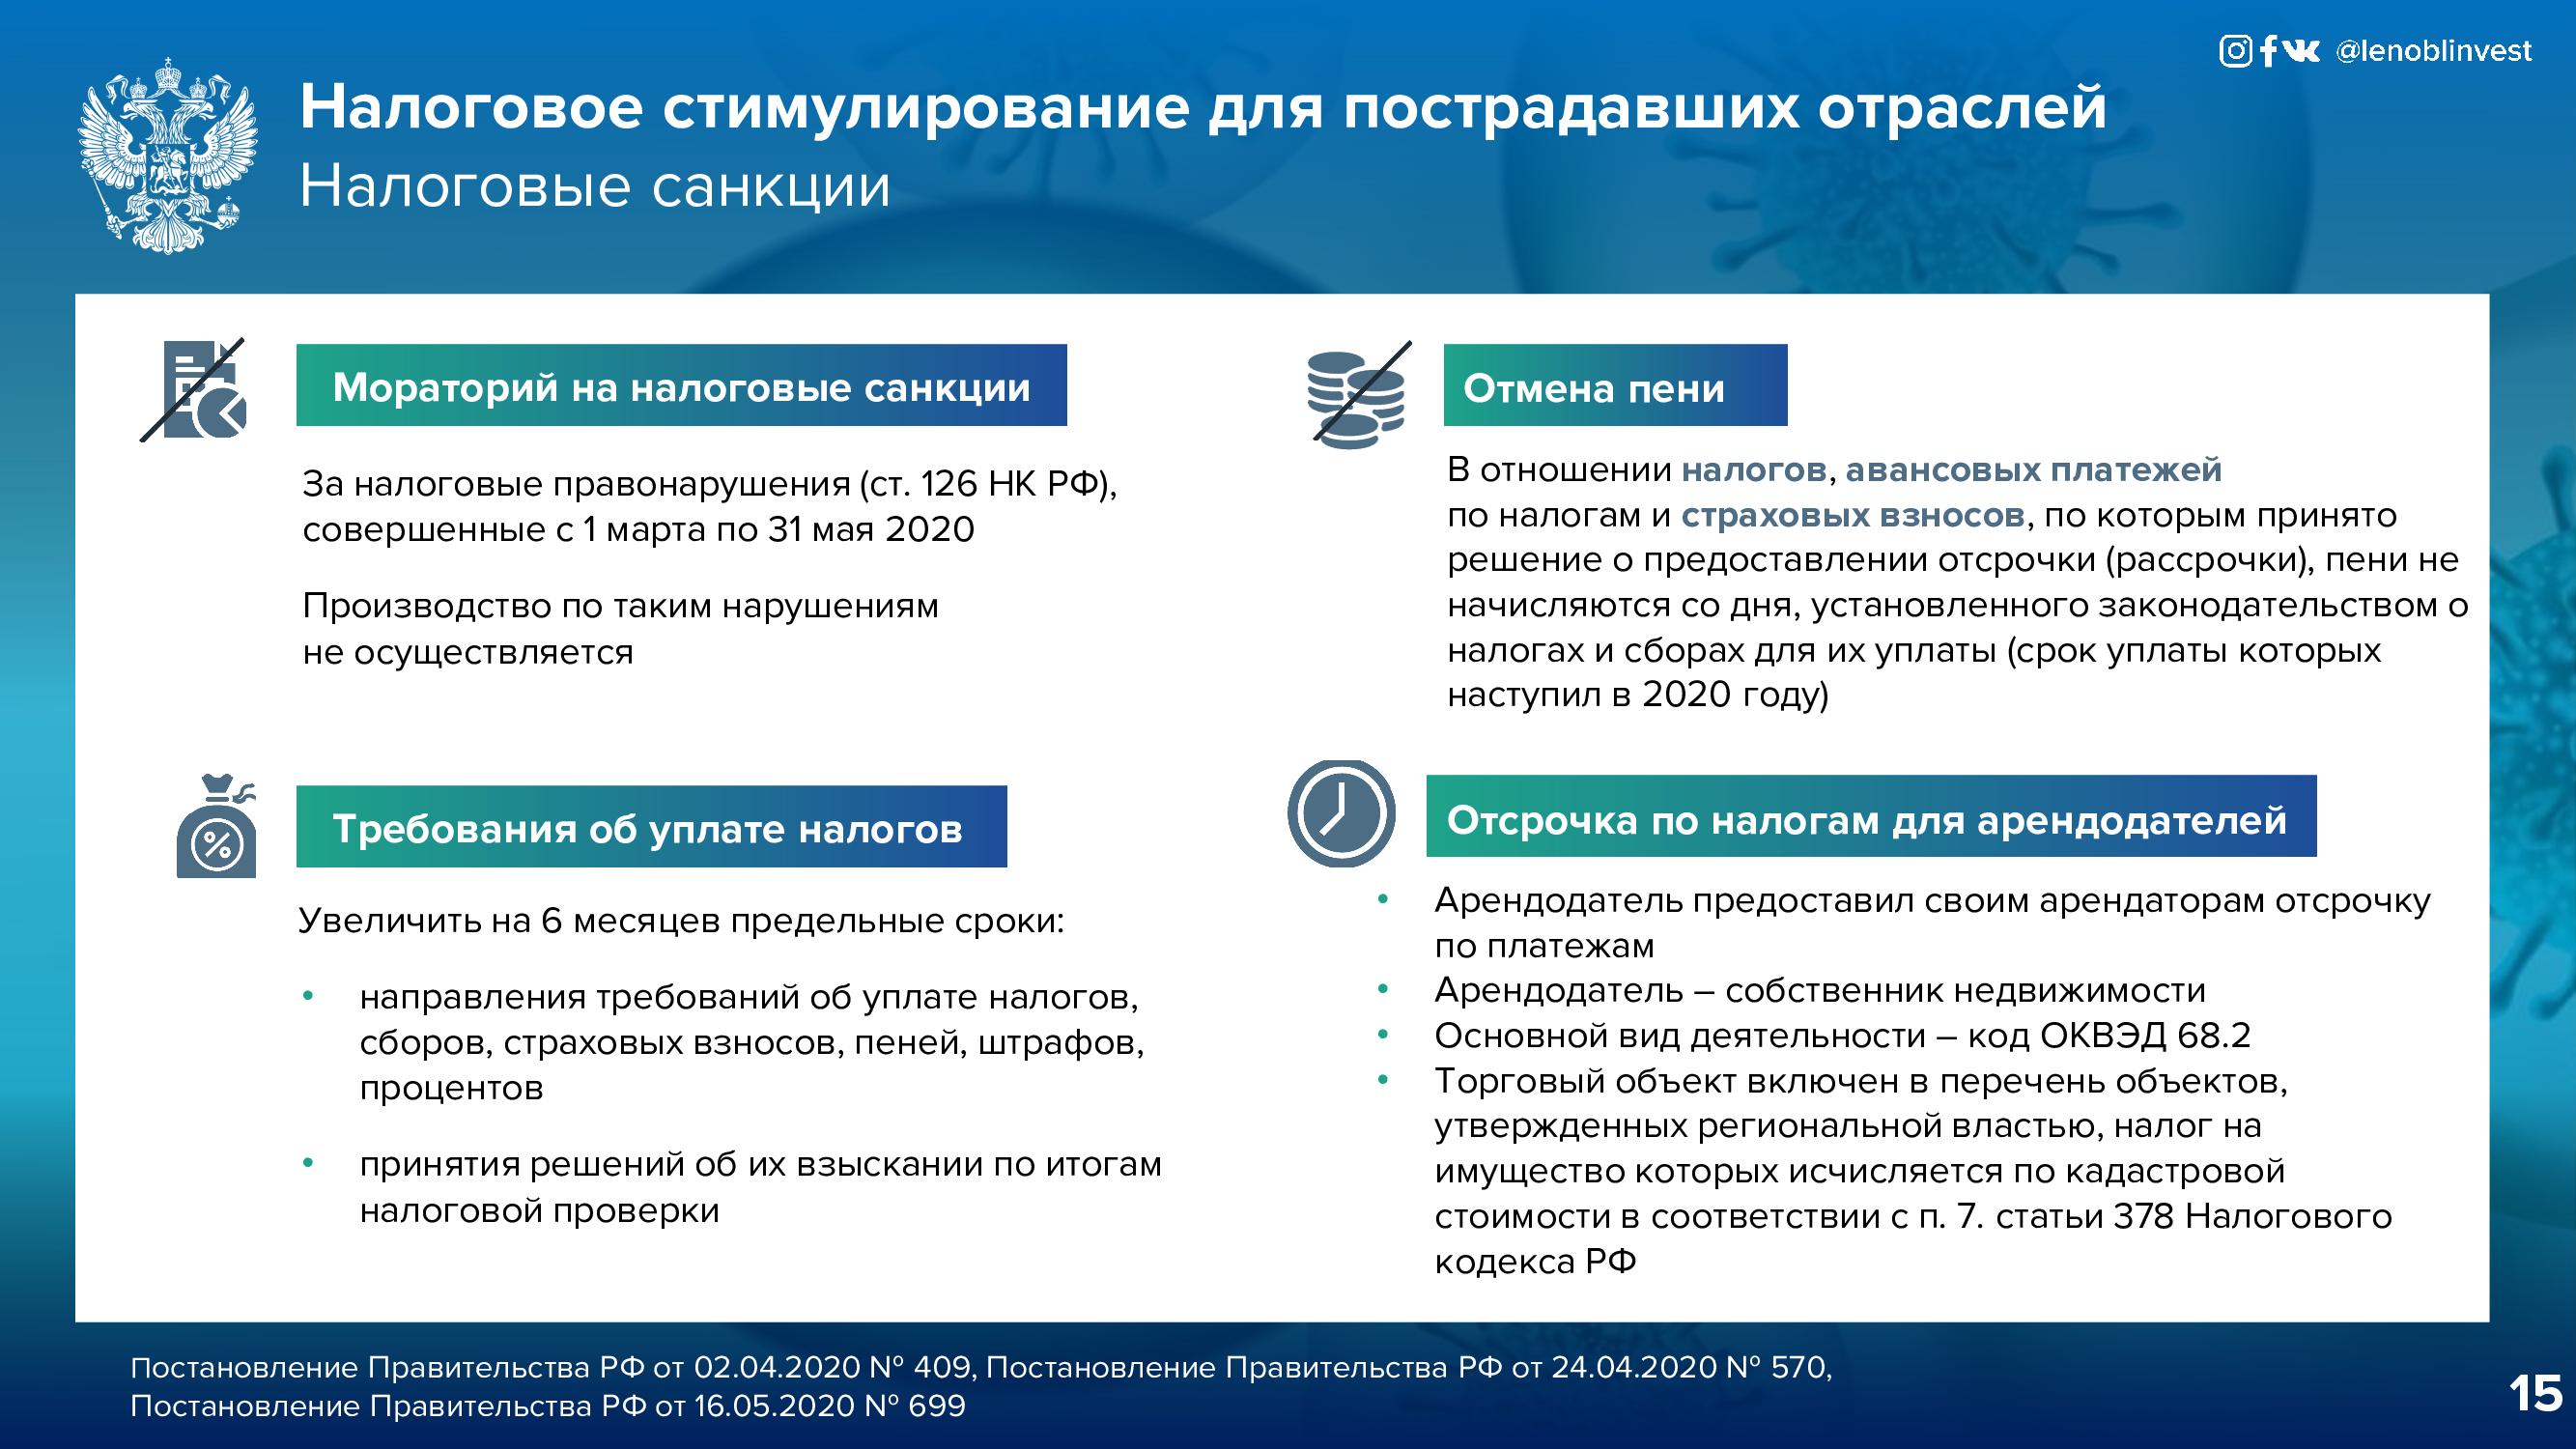 Региональные и федеральные меры поддержки_page-0015.jpg